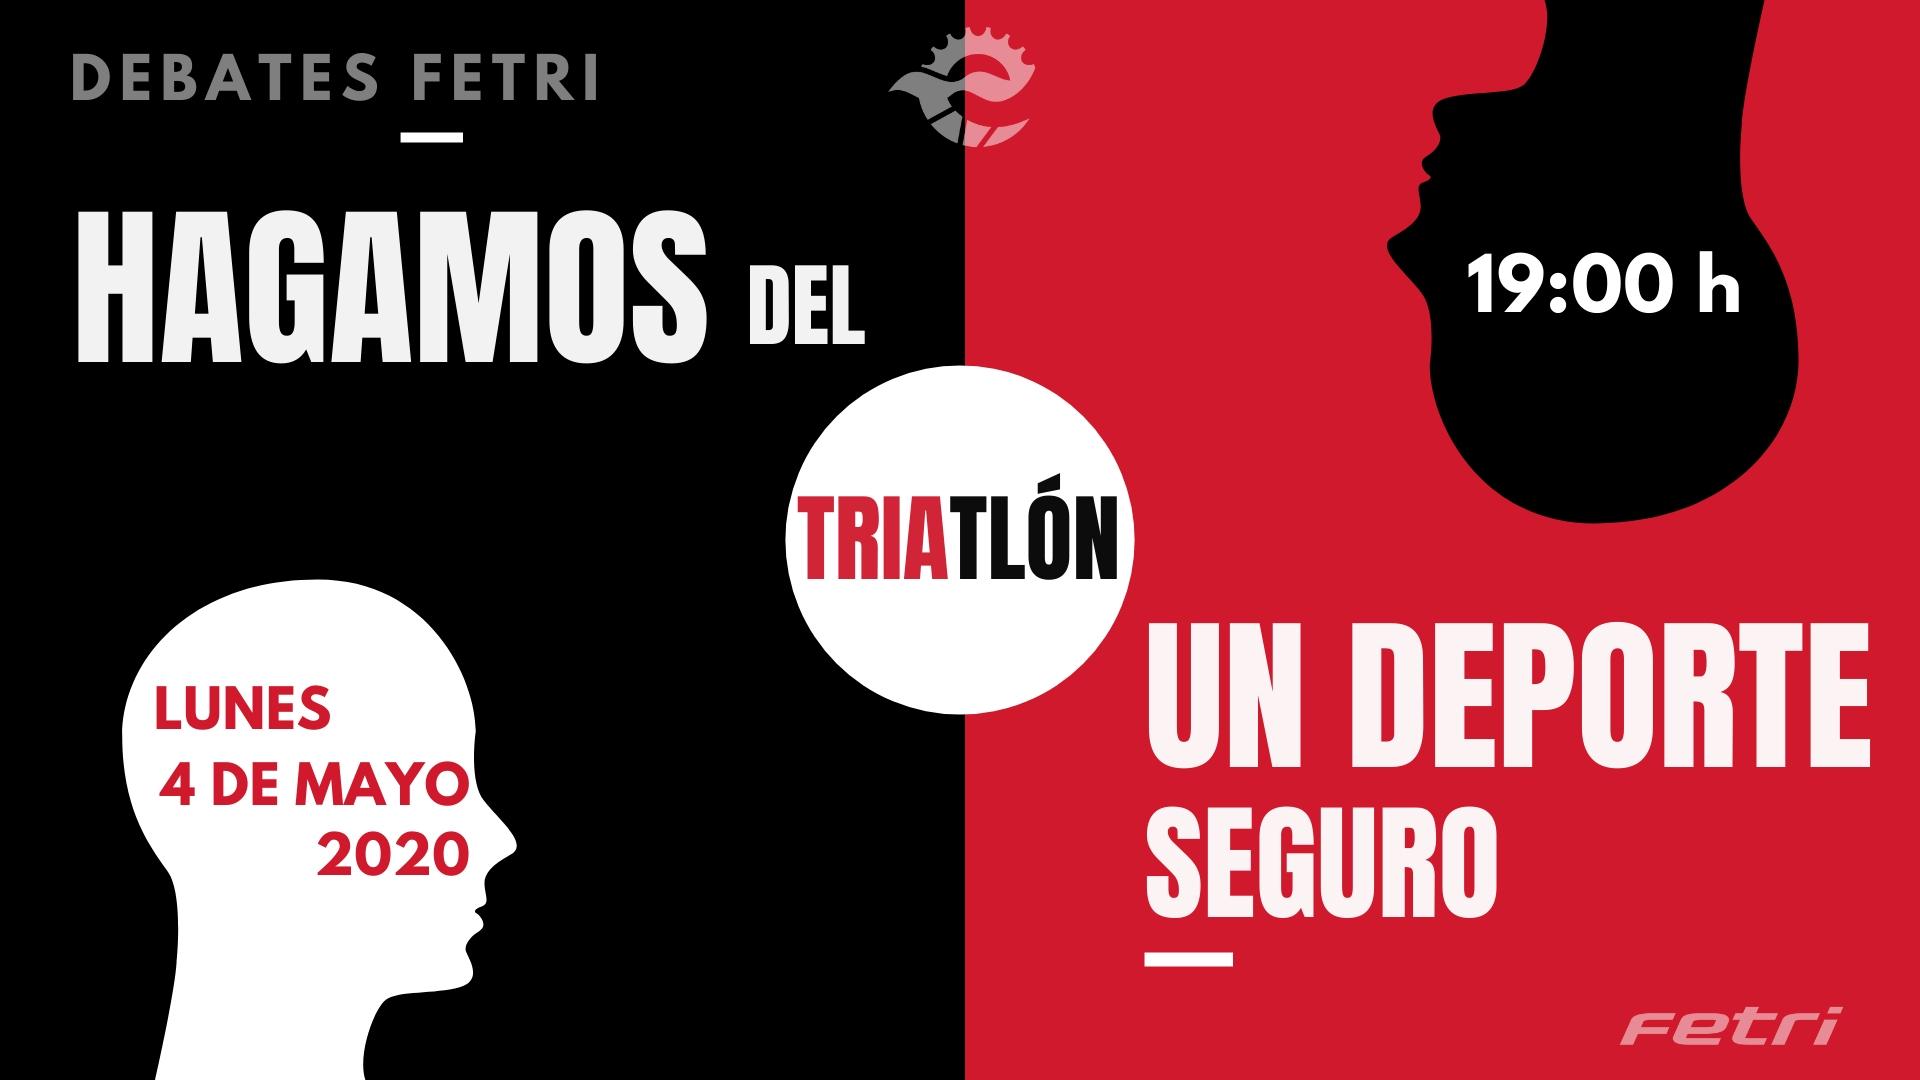 «Hagamos del Triatlón un deporte seguro», presentado el primer Debate – FETRI